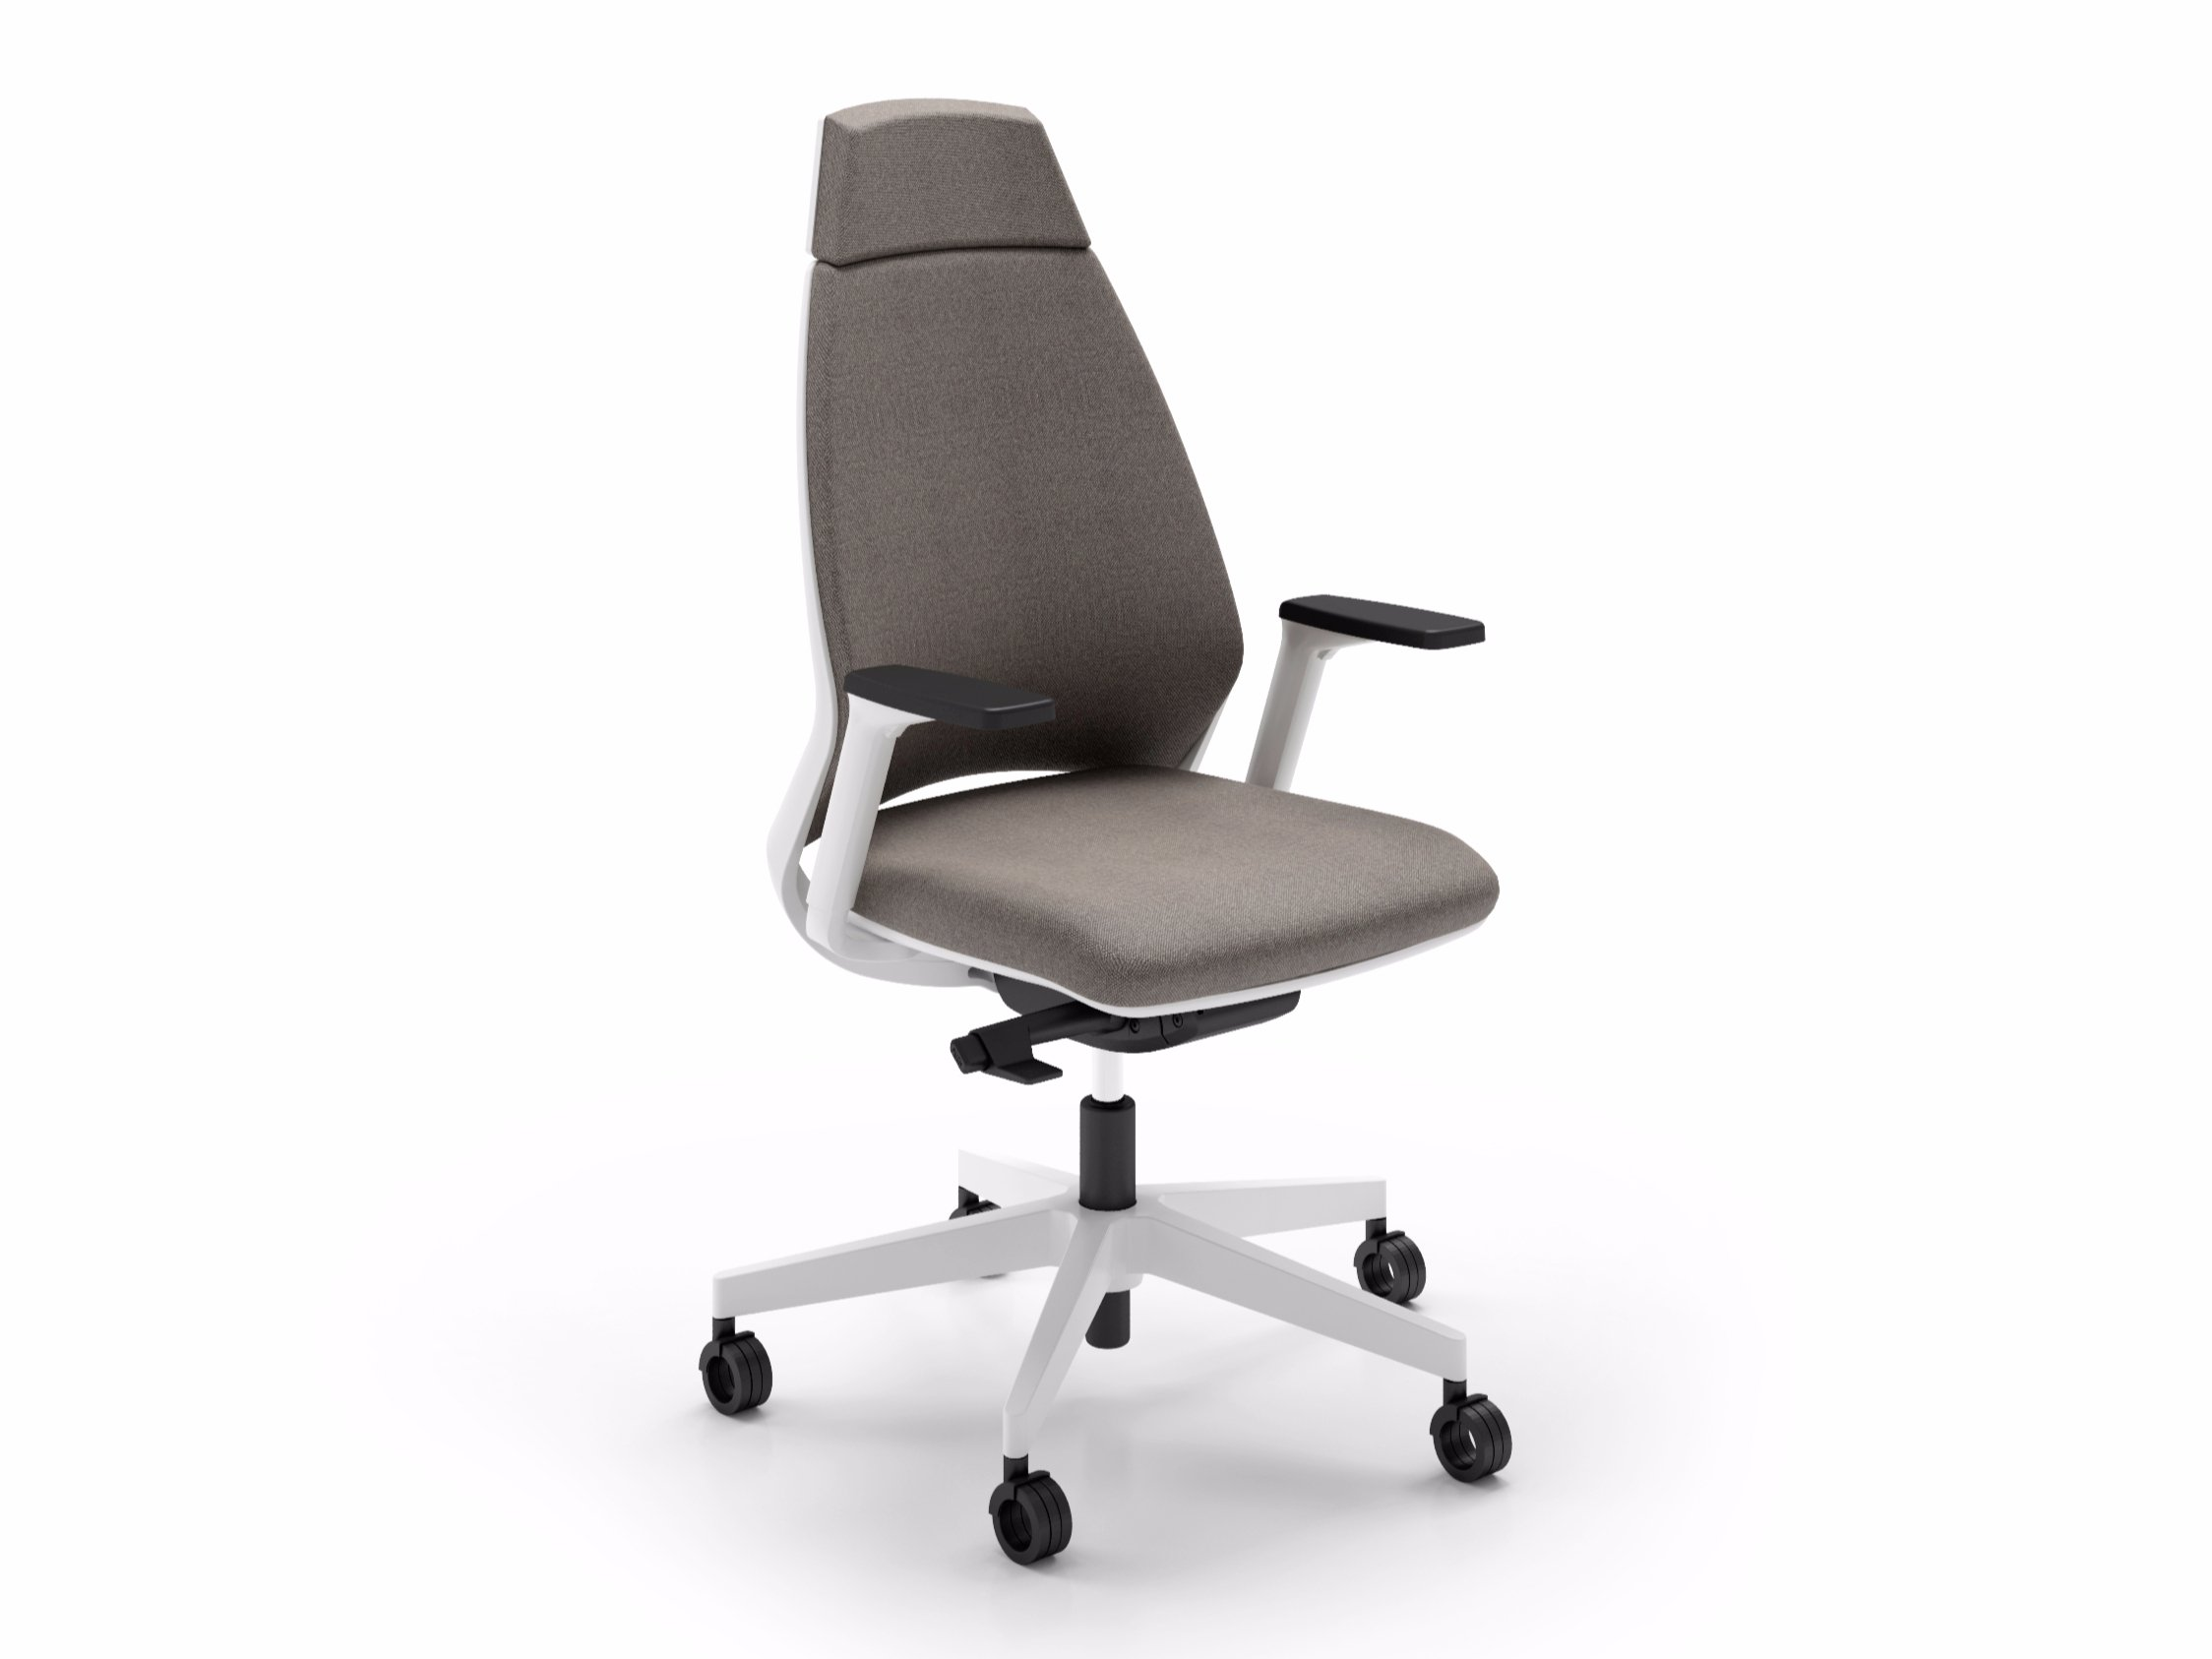 Oxygen sedia ufficio operativa by quadrifoglio sistemi d for Quadrifoglio arredo ufficio